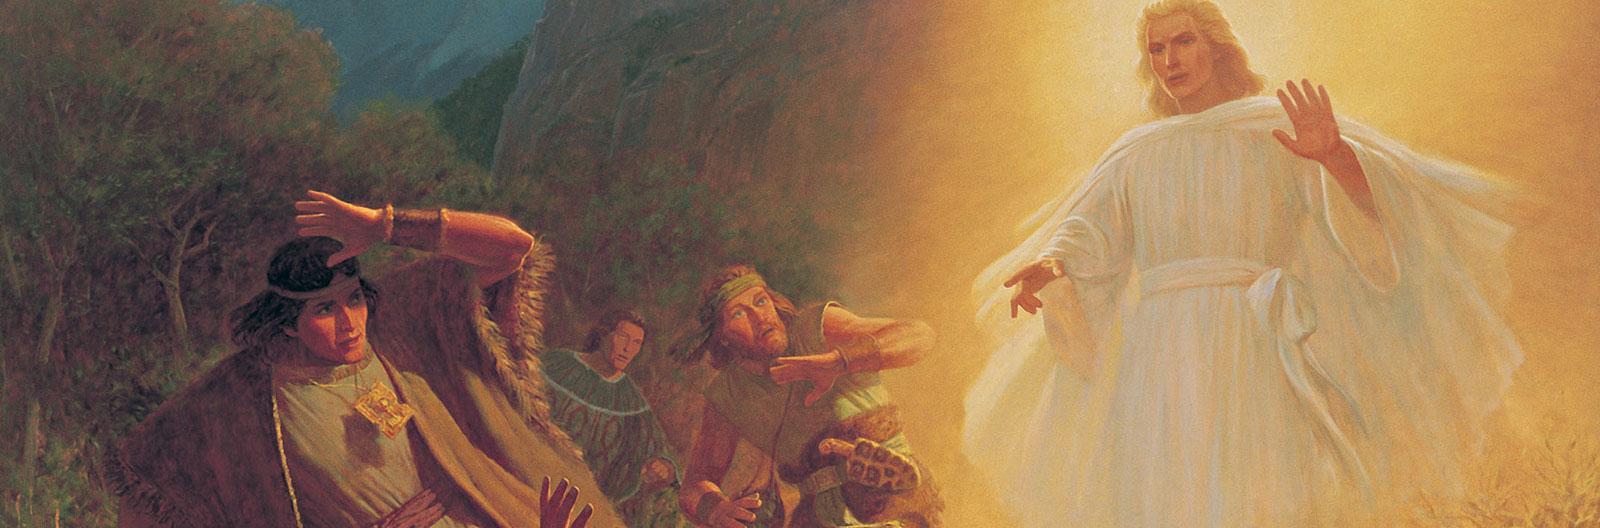 Mosiah 25 27 Alma 36